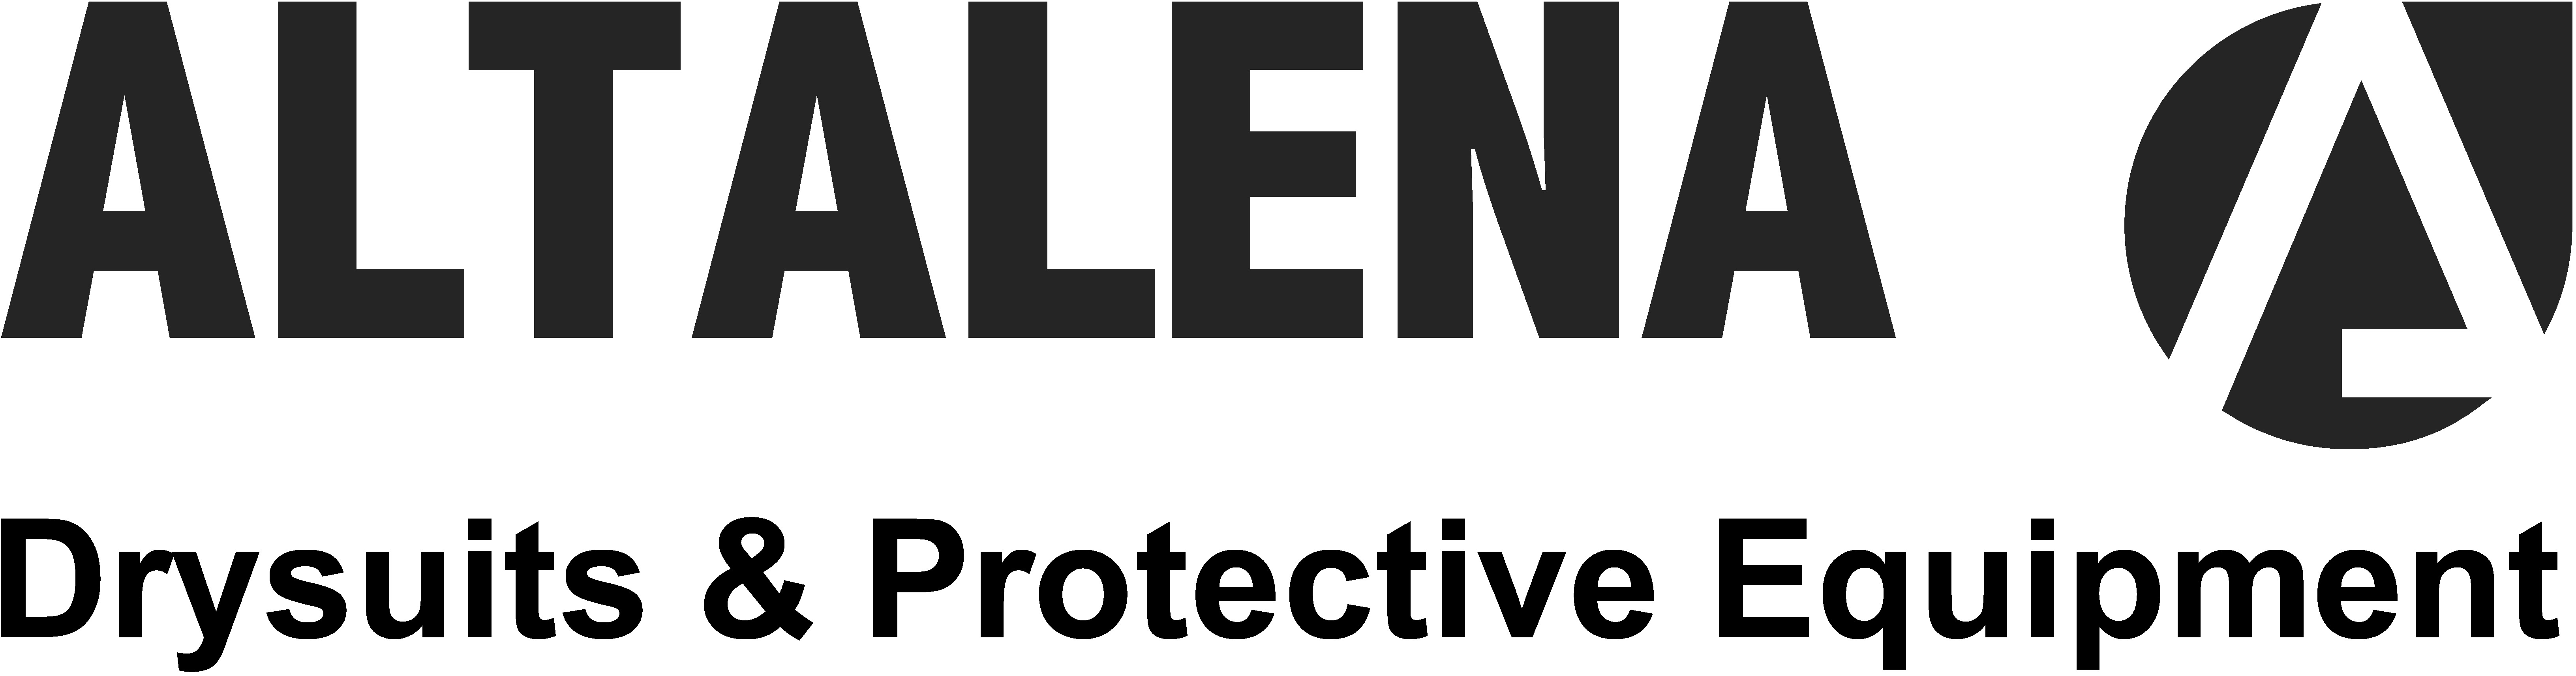 Altalena Drysuits & Protective Equipment